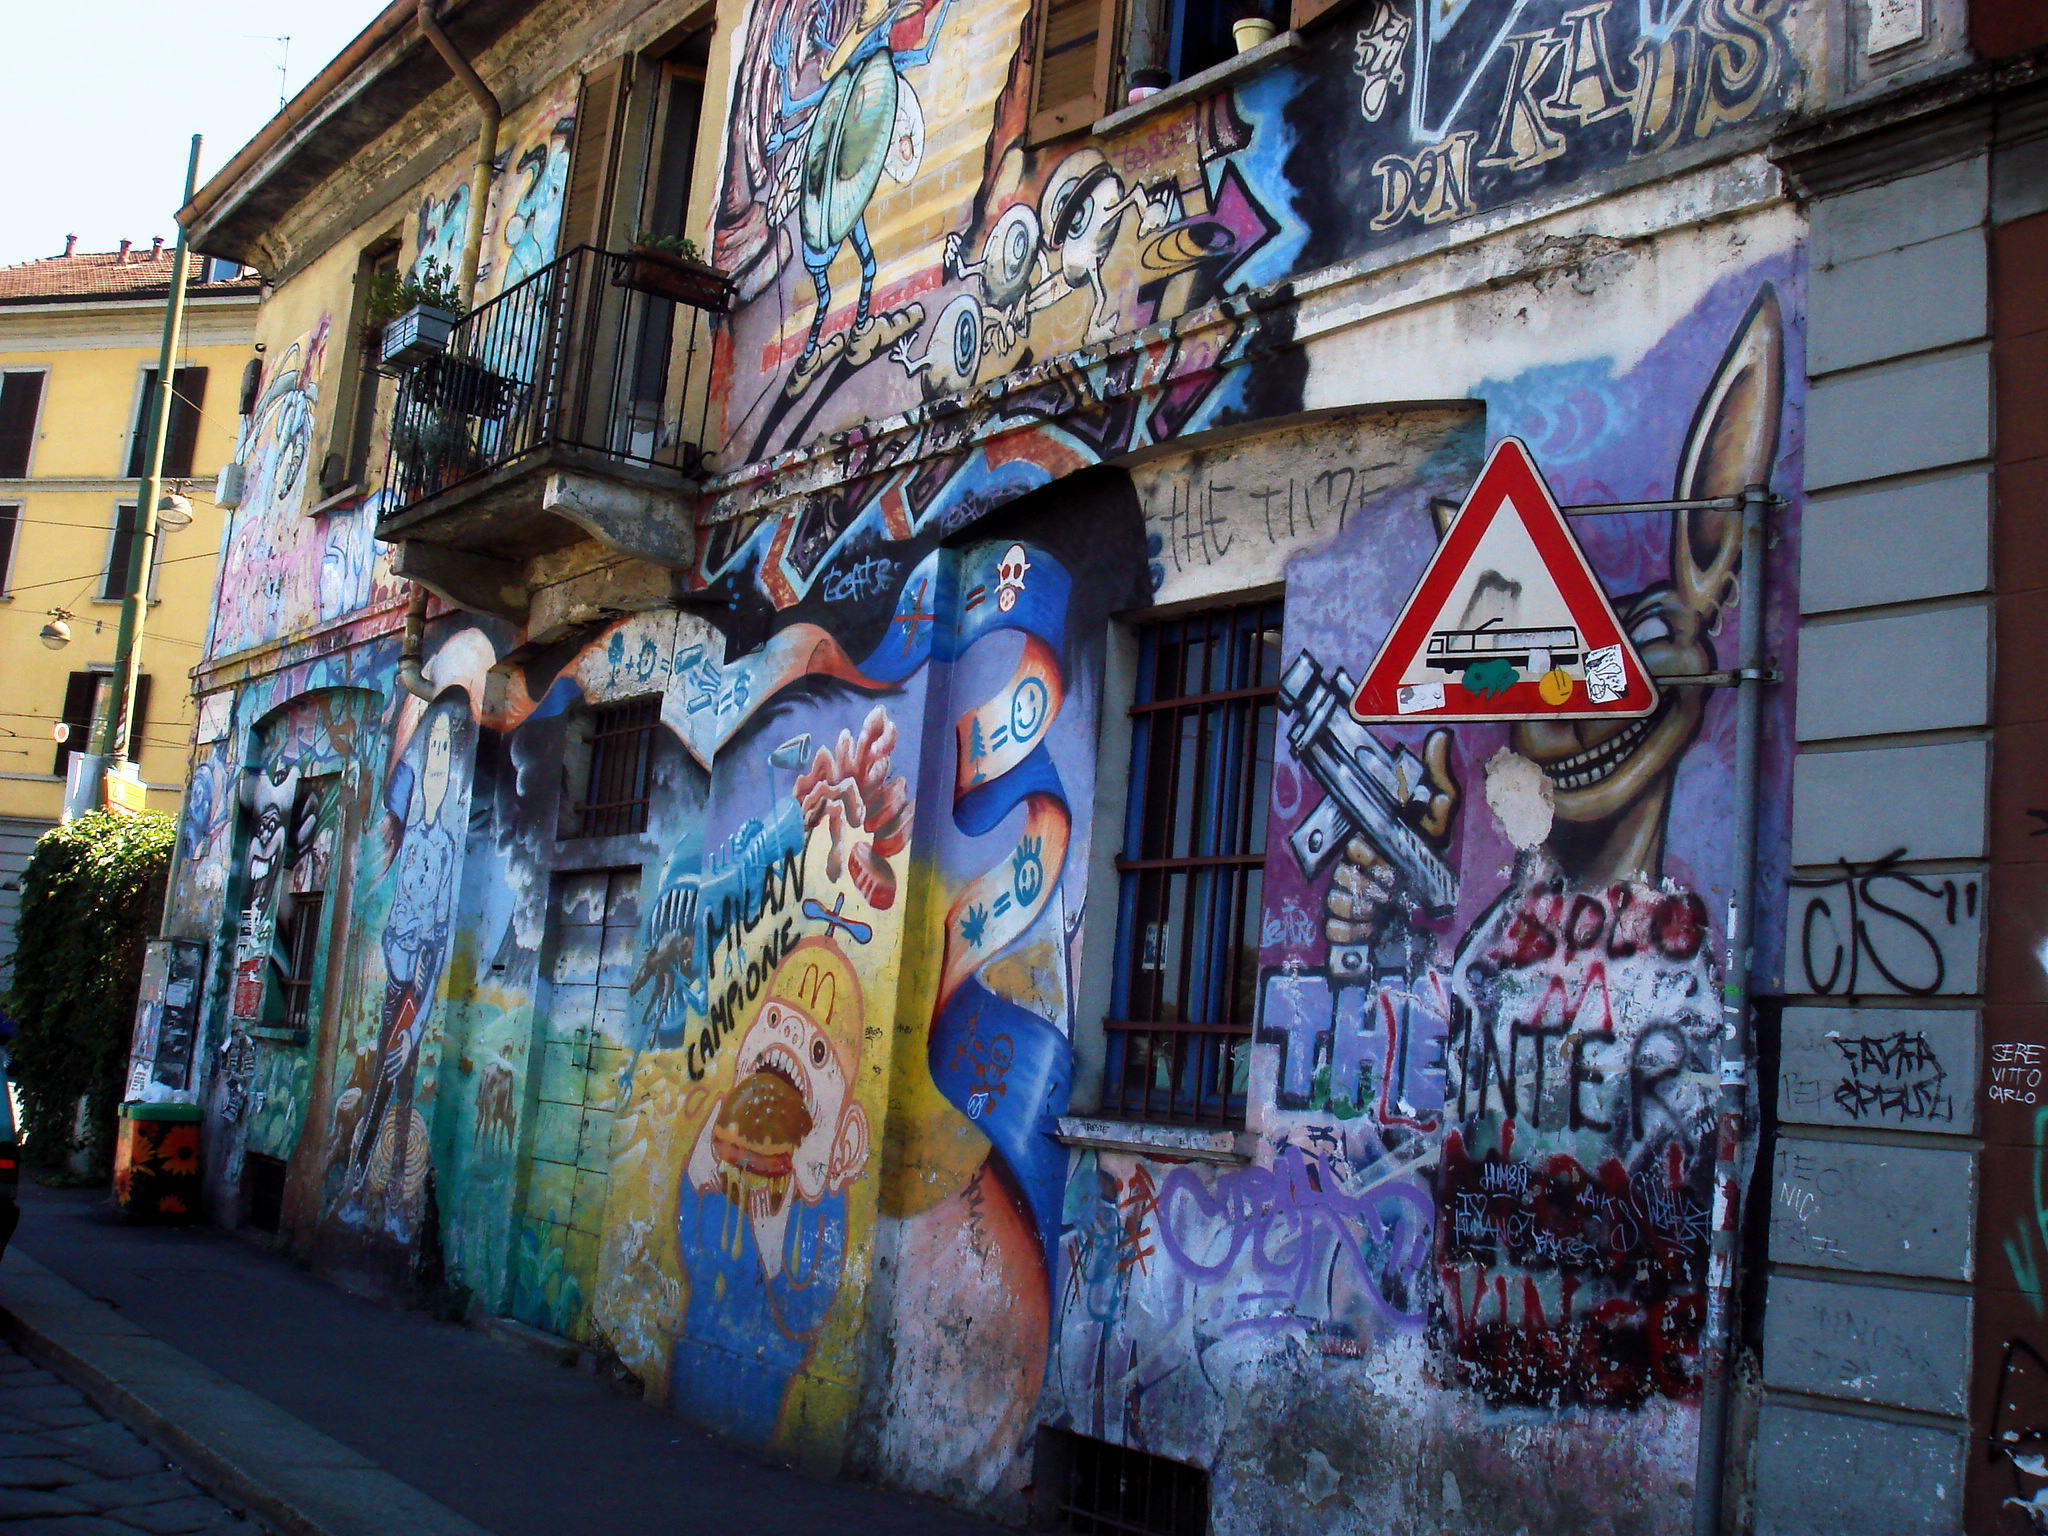 File4057 Milano Graffiti Su Casa Occupata Alla Darsena Foto - Graffitis-en-casa